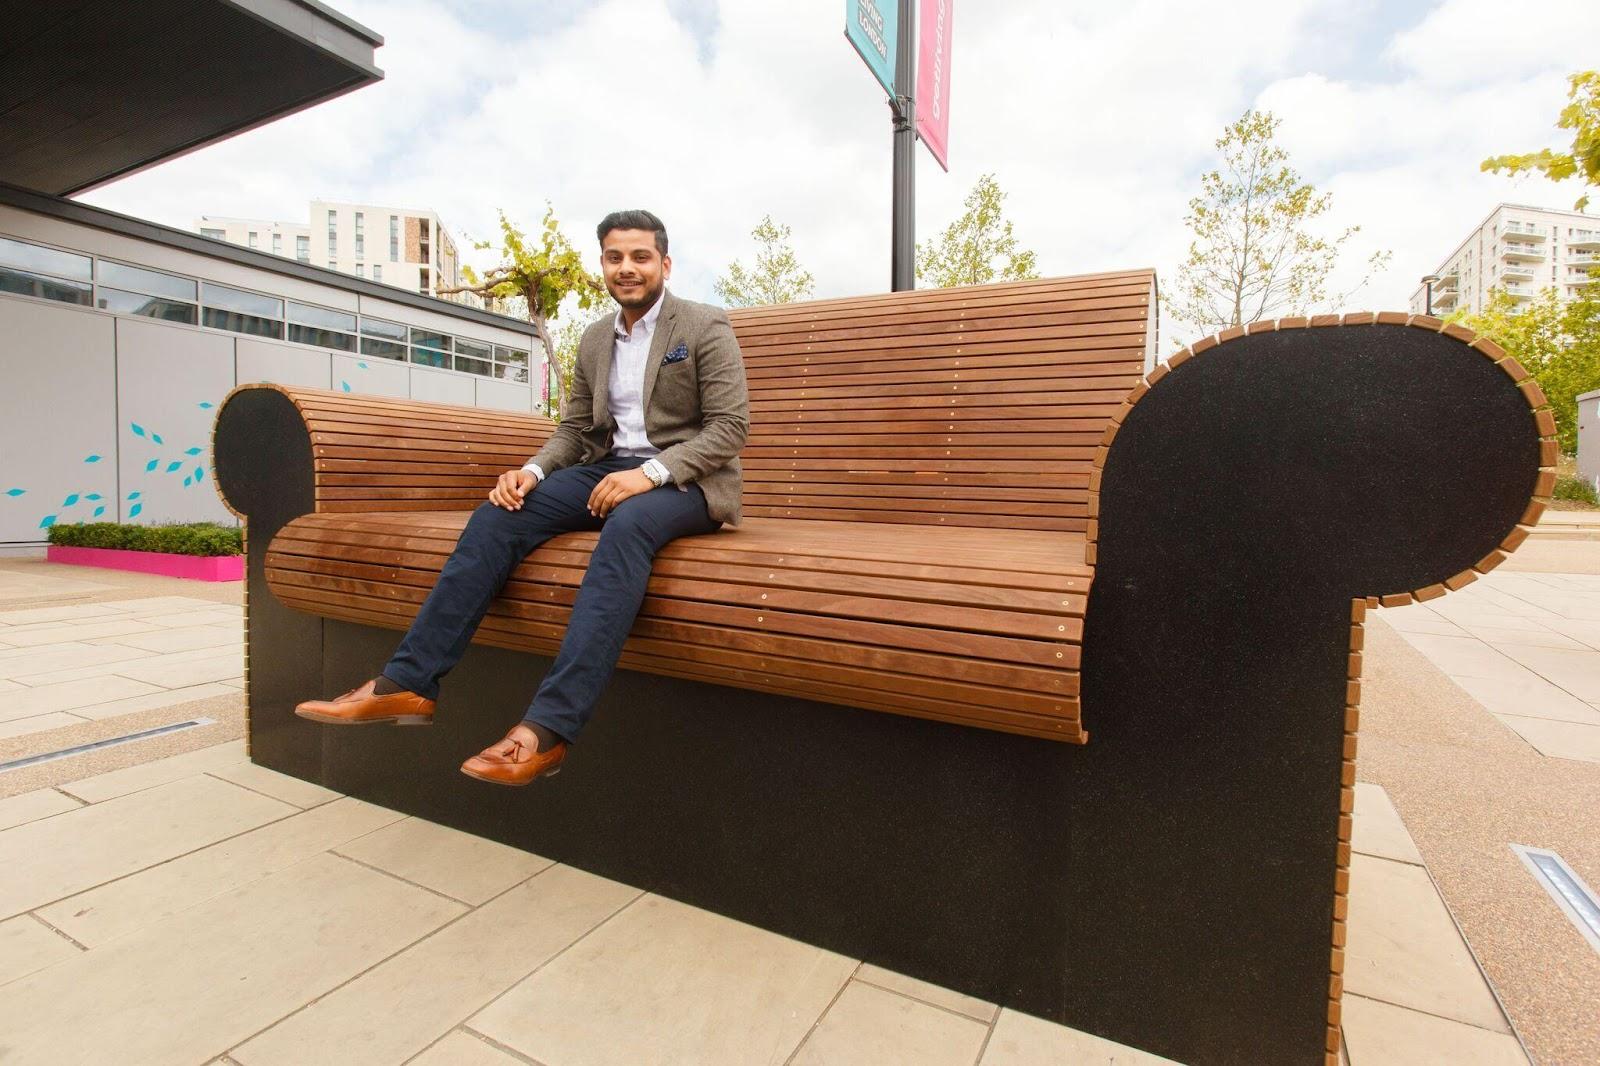 En sofa af træ kan være en sjov idé til tagterrassen